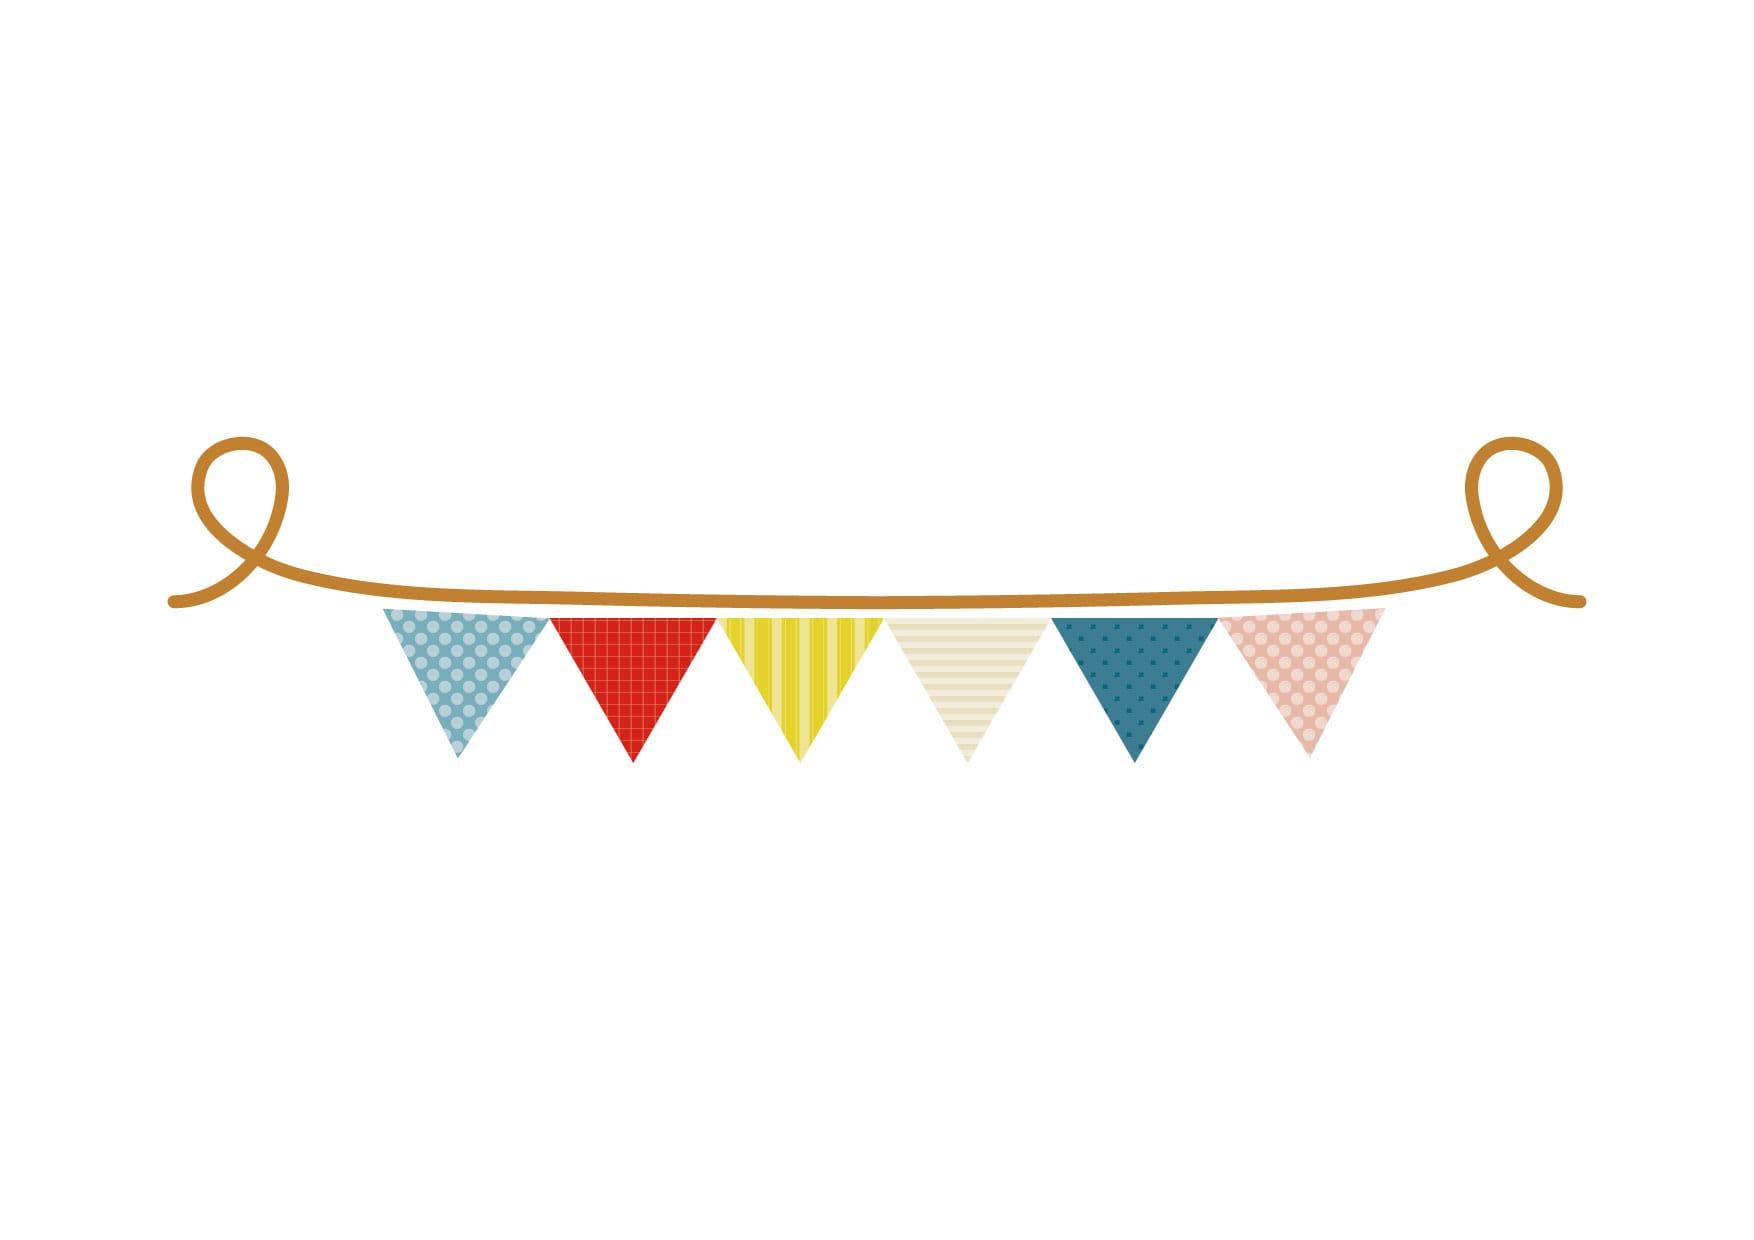 可愛いイラスト無料|フラッグ 三角 かわいい コピースペース − free illustration Flag triangle cute copy space